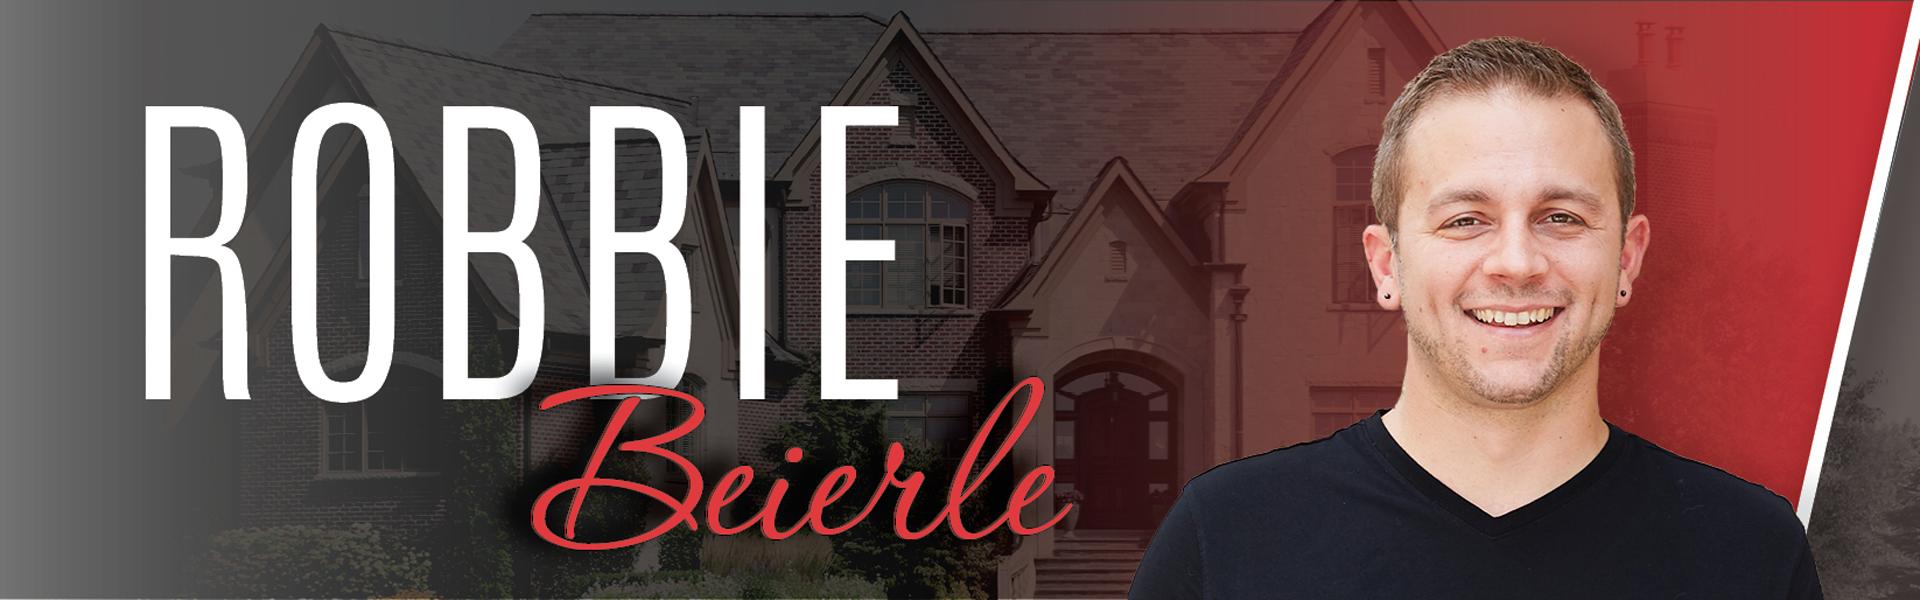 Robbie Beierle